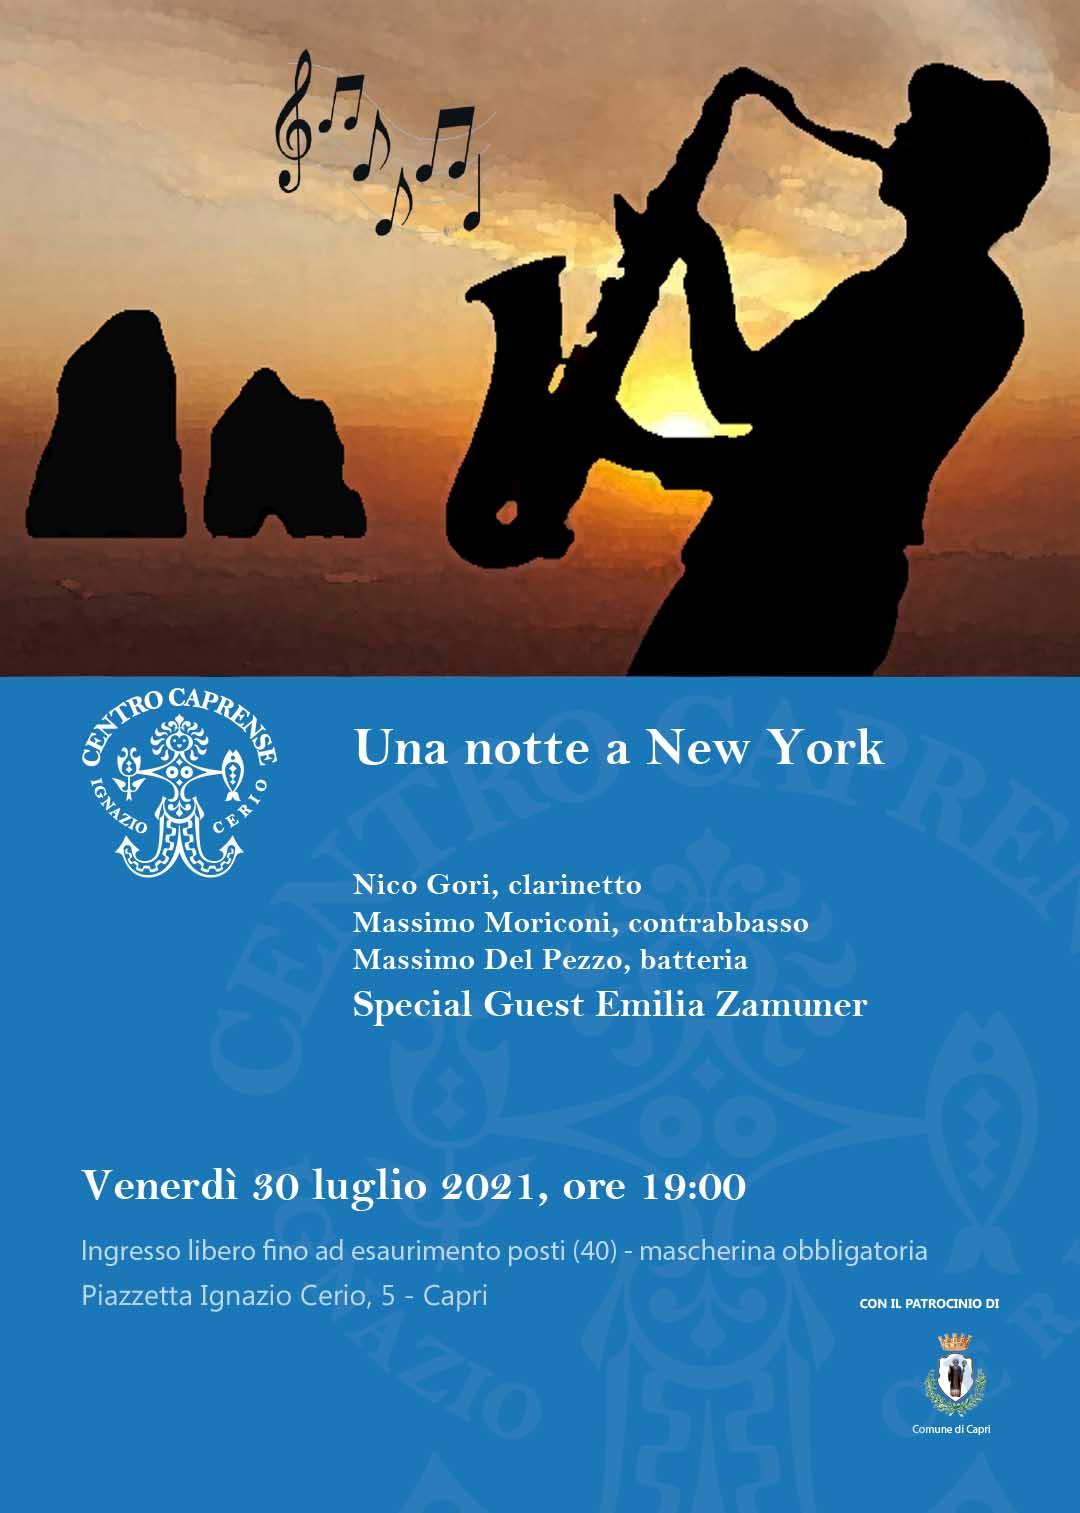 Concerto Una notte a New York, venerdì 30 luglio 2021